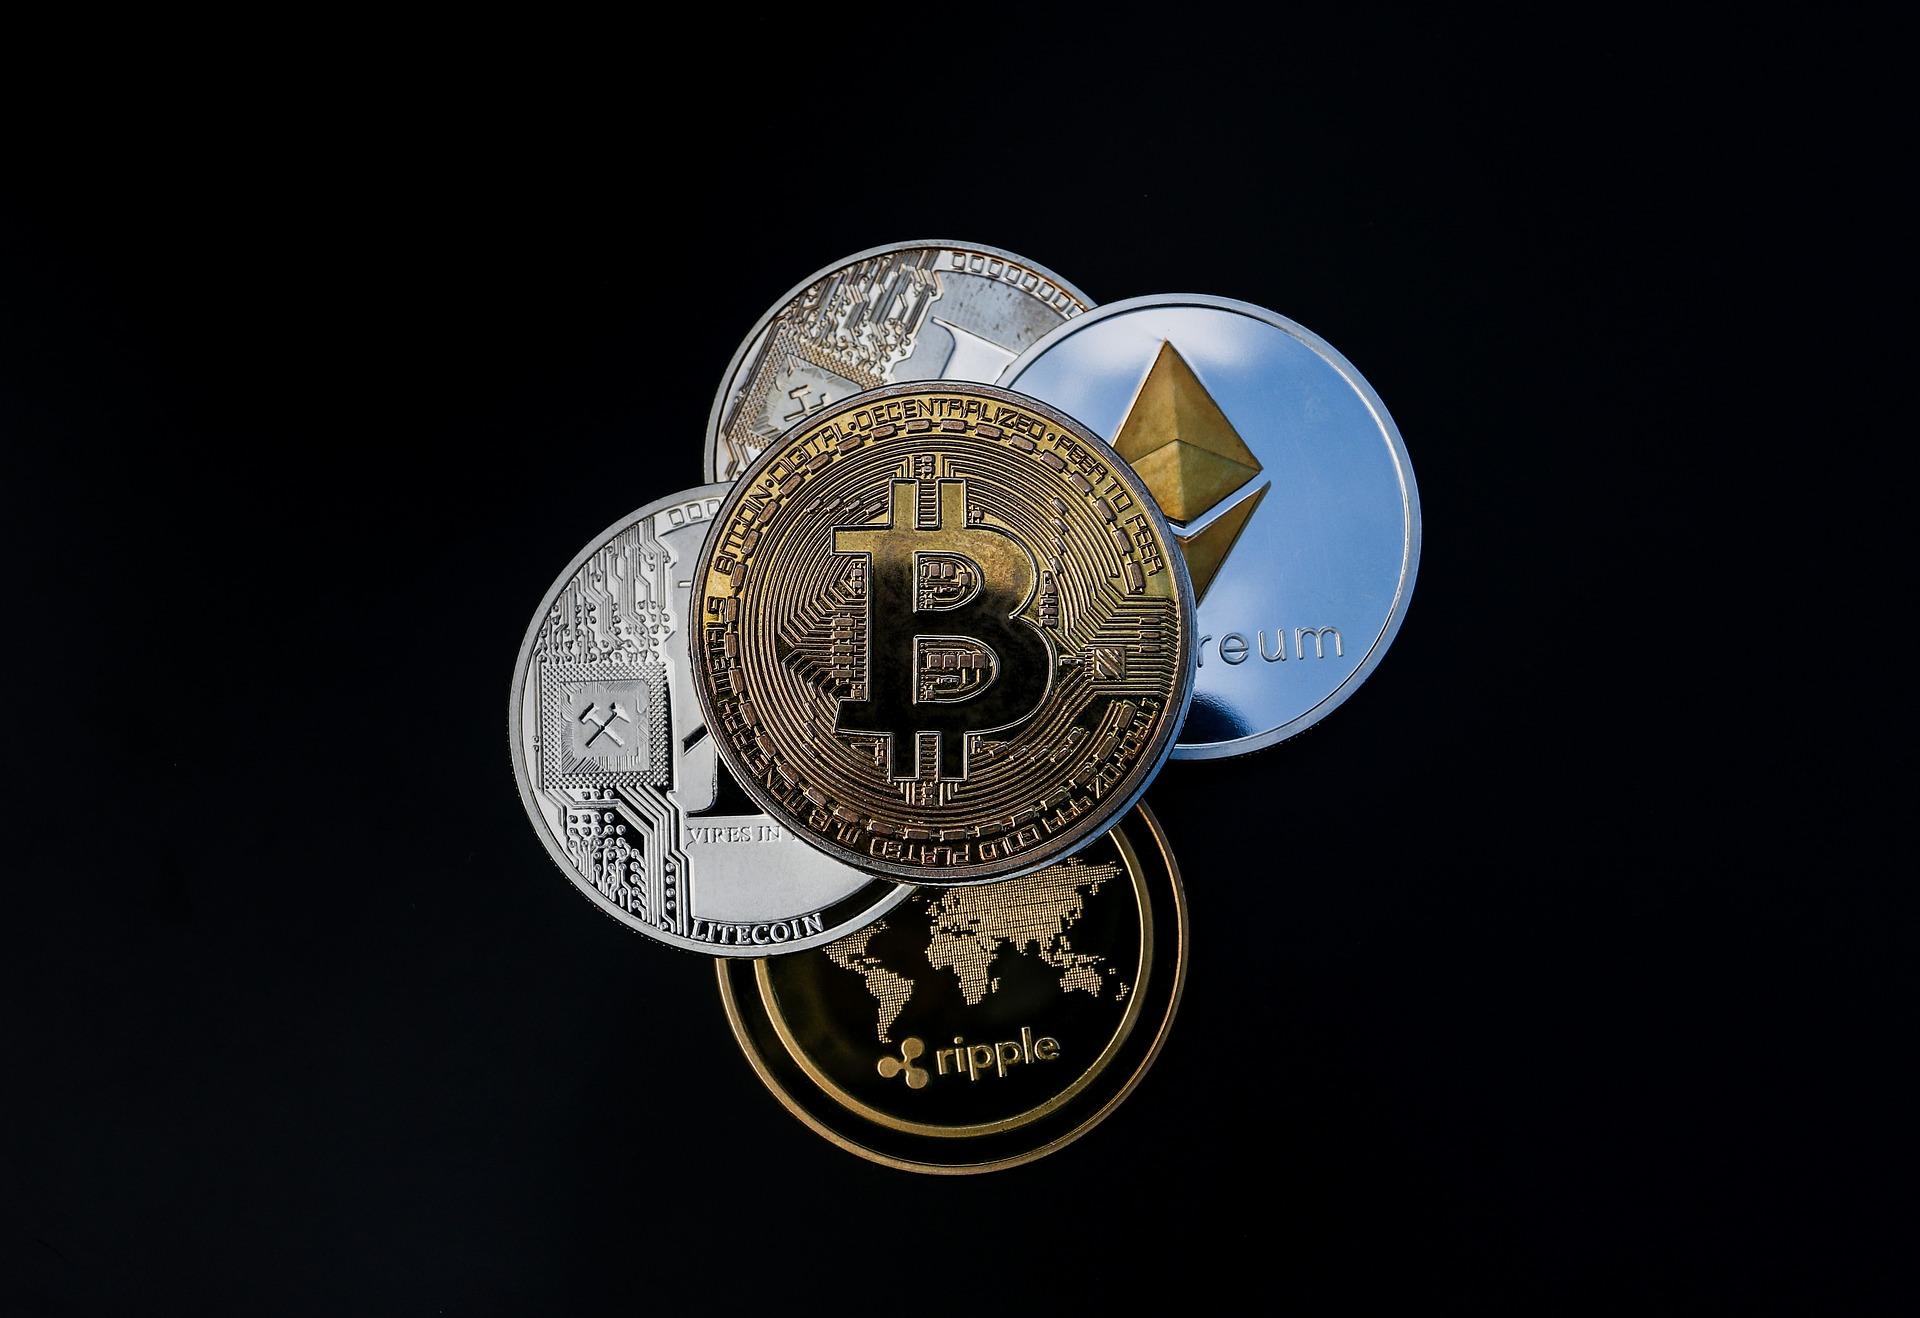 Het verbranden van tokens uitgelegd